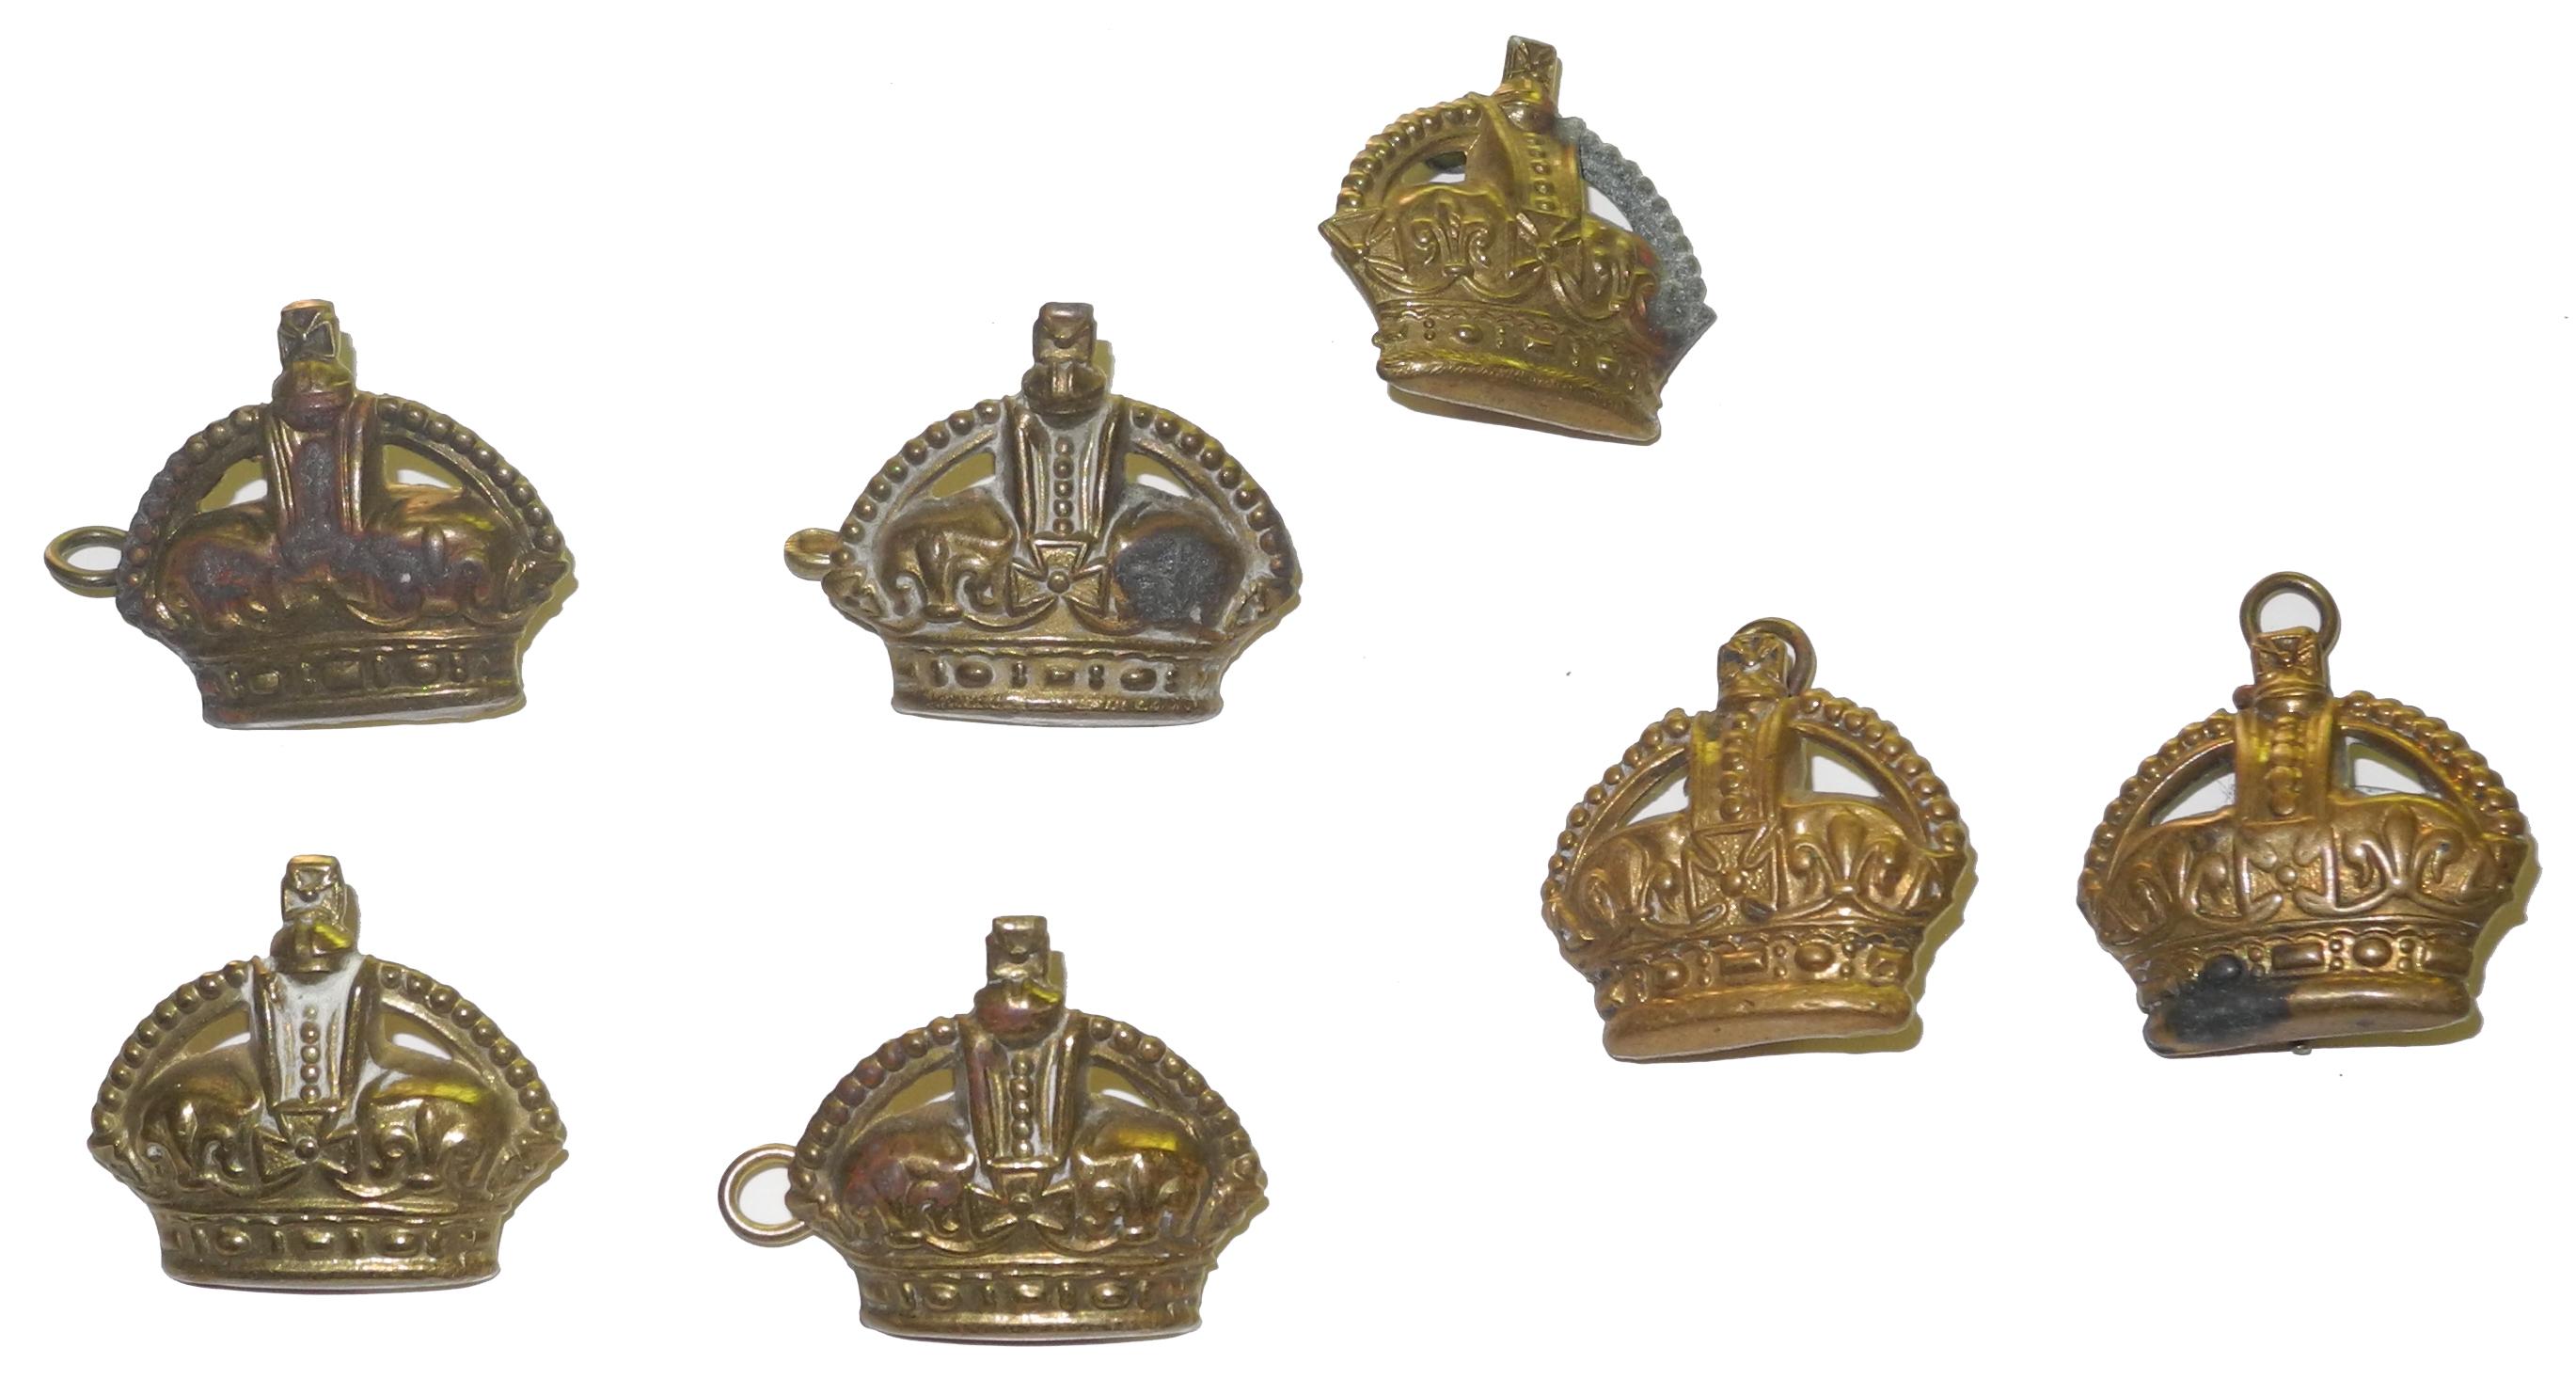 RAF brass flight sergeant's crowns